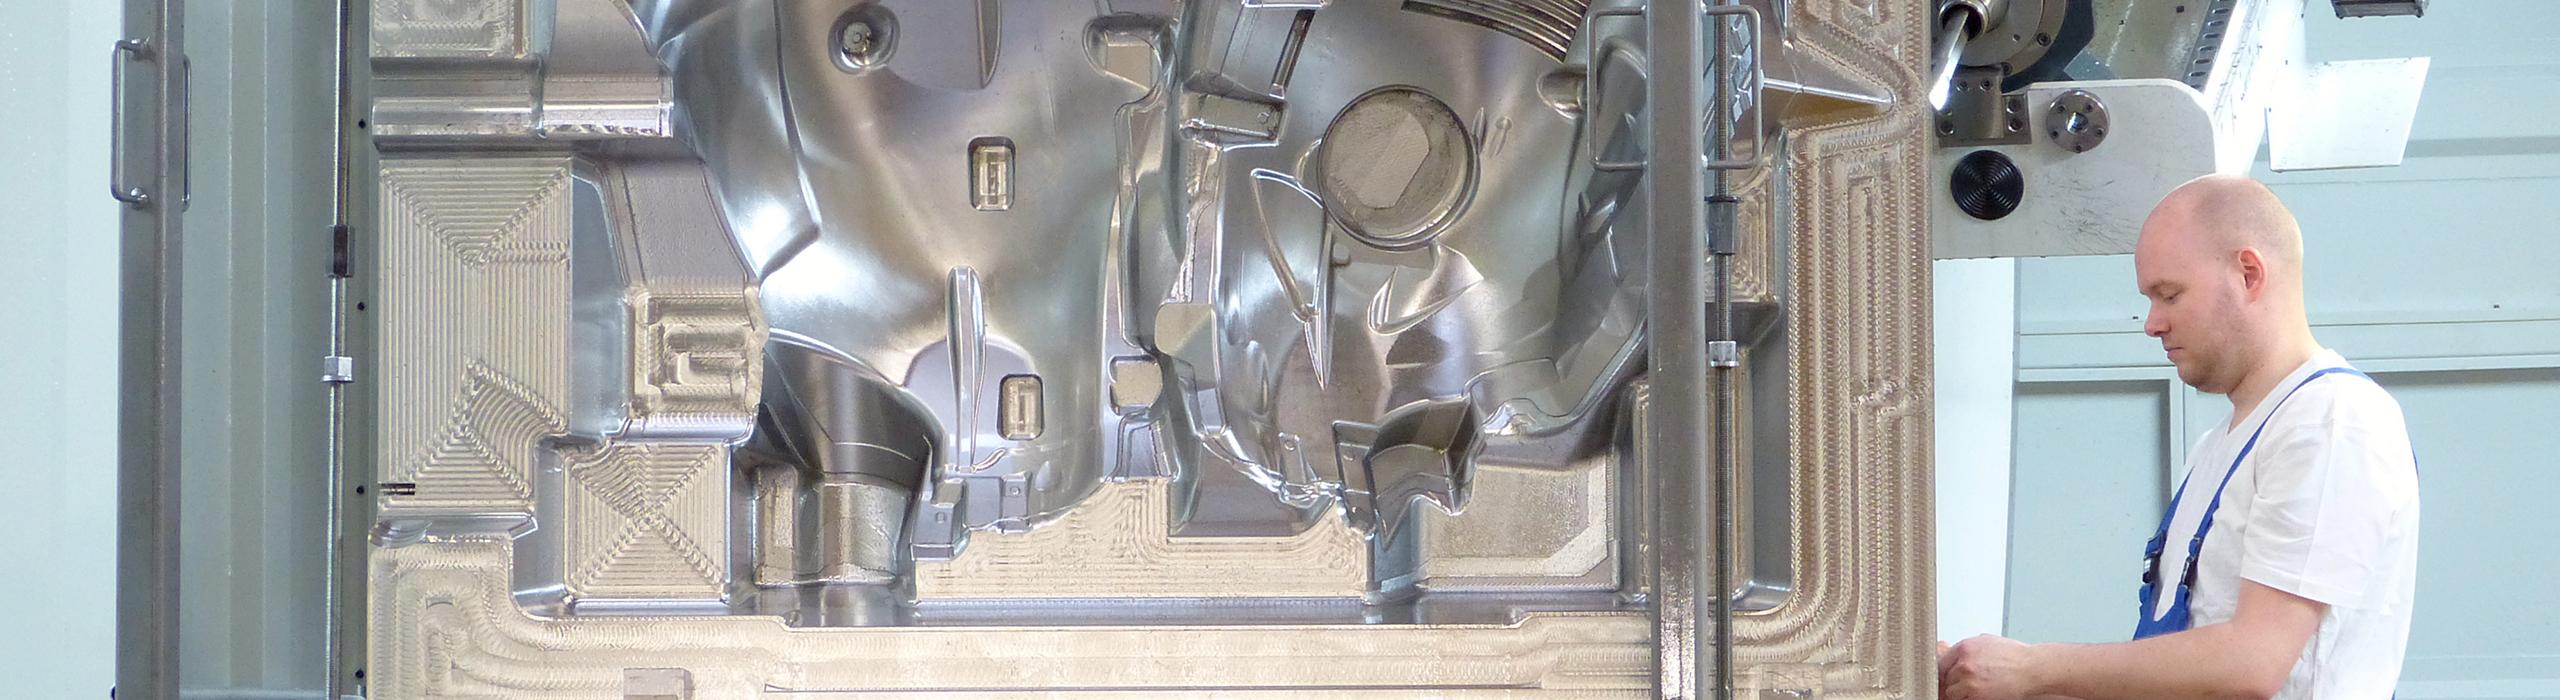 RSB-Stahl-tiefbohren-header1